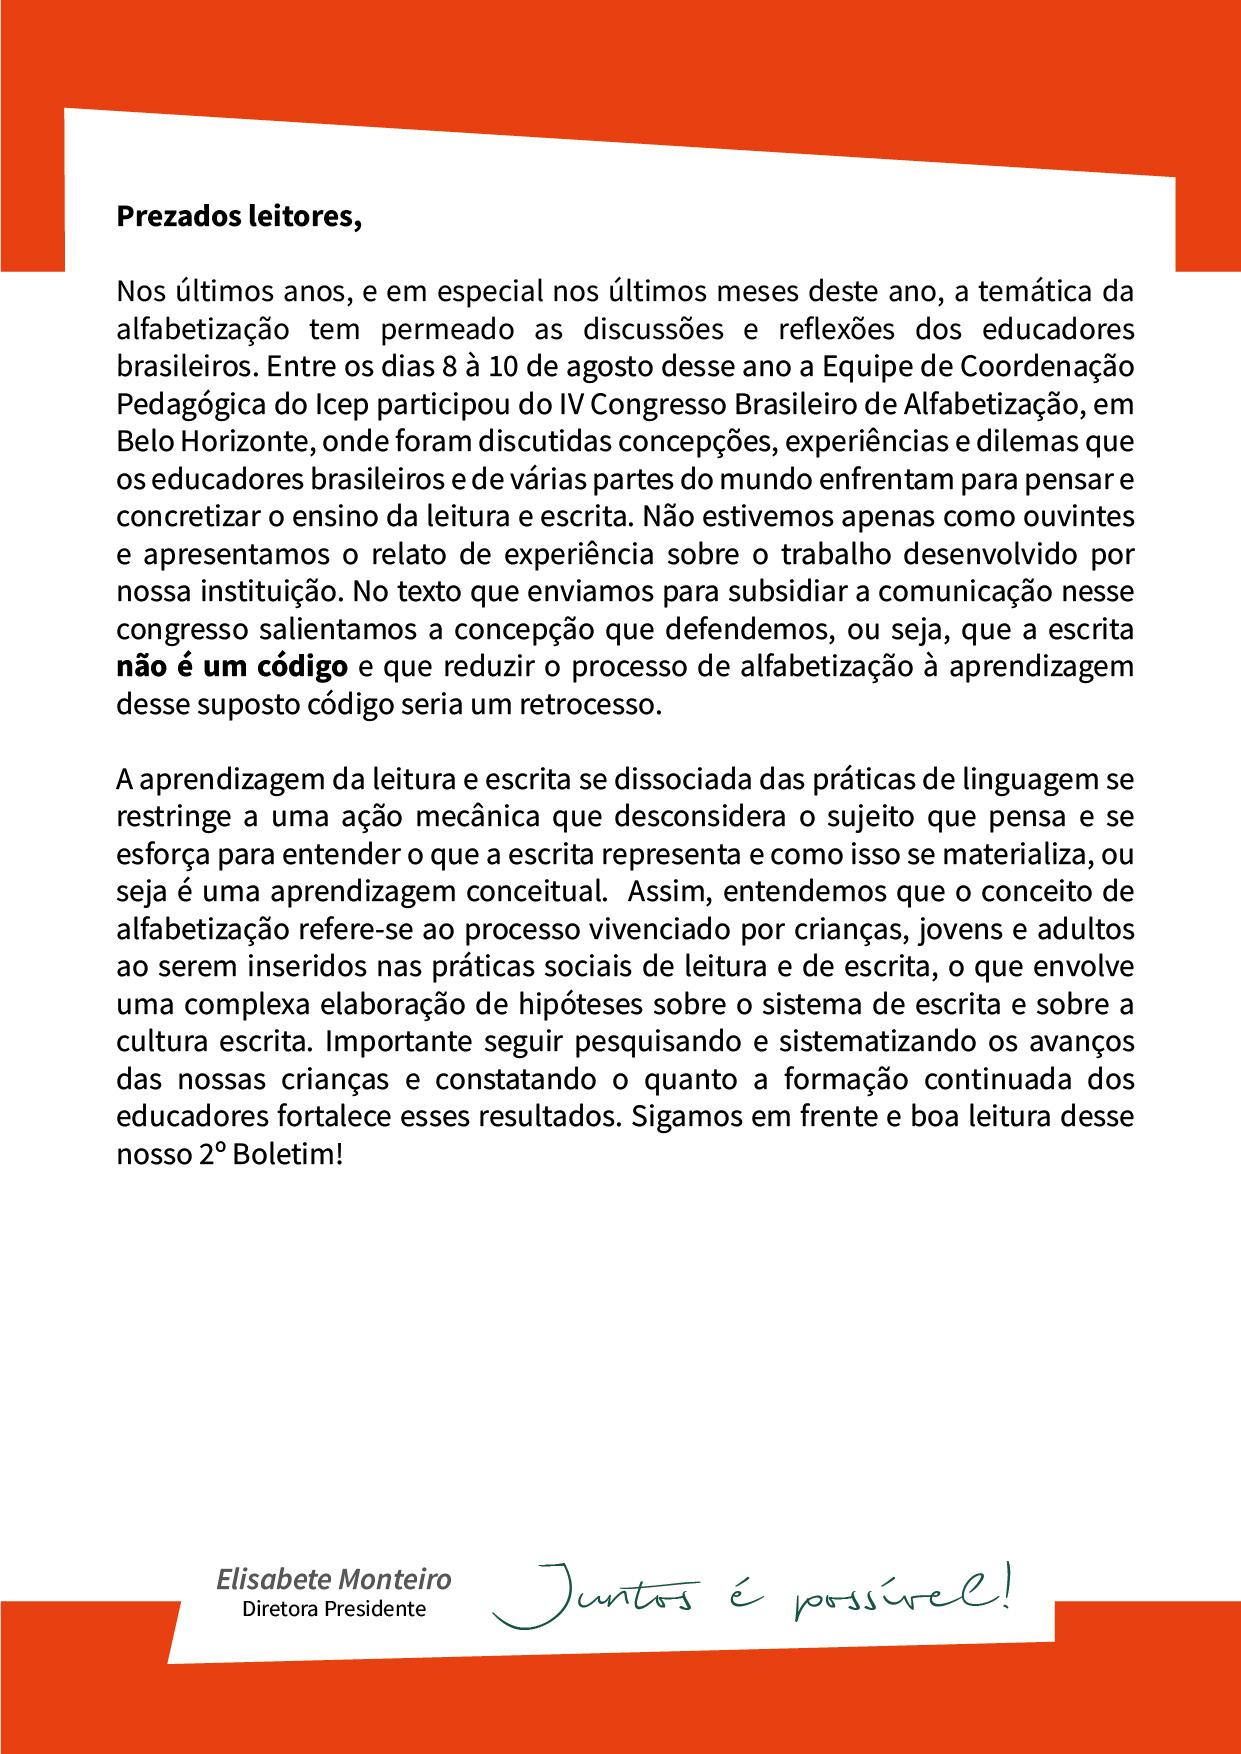 ICEP - Boletim edição 2, versão impressa_Assessorias Pedagógicas